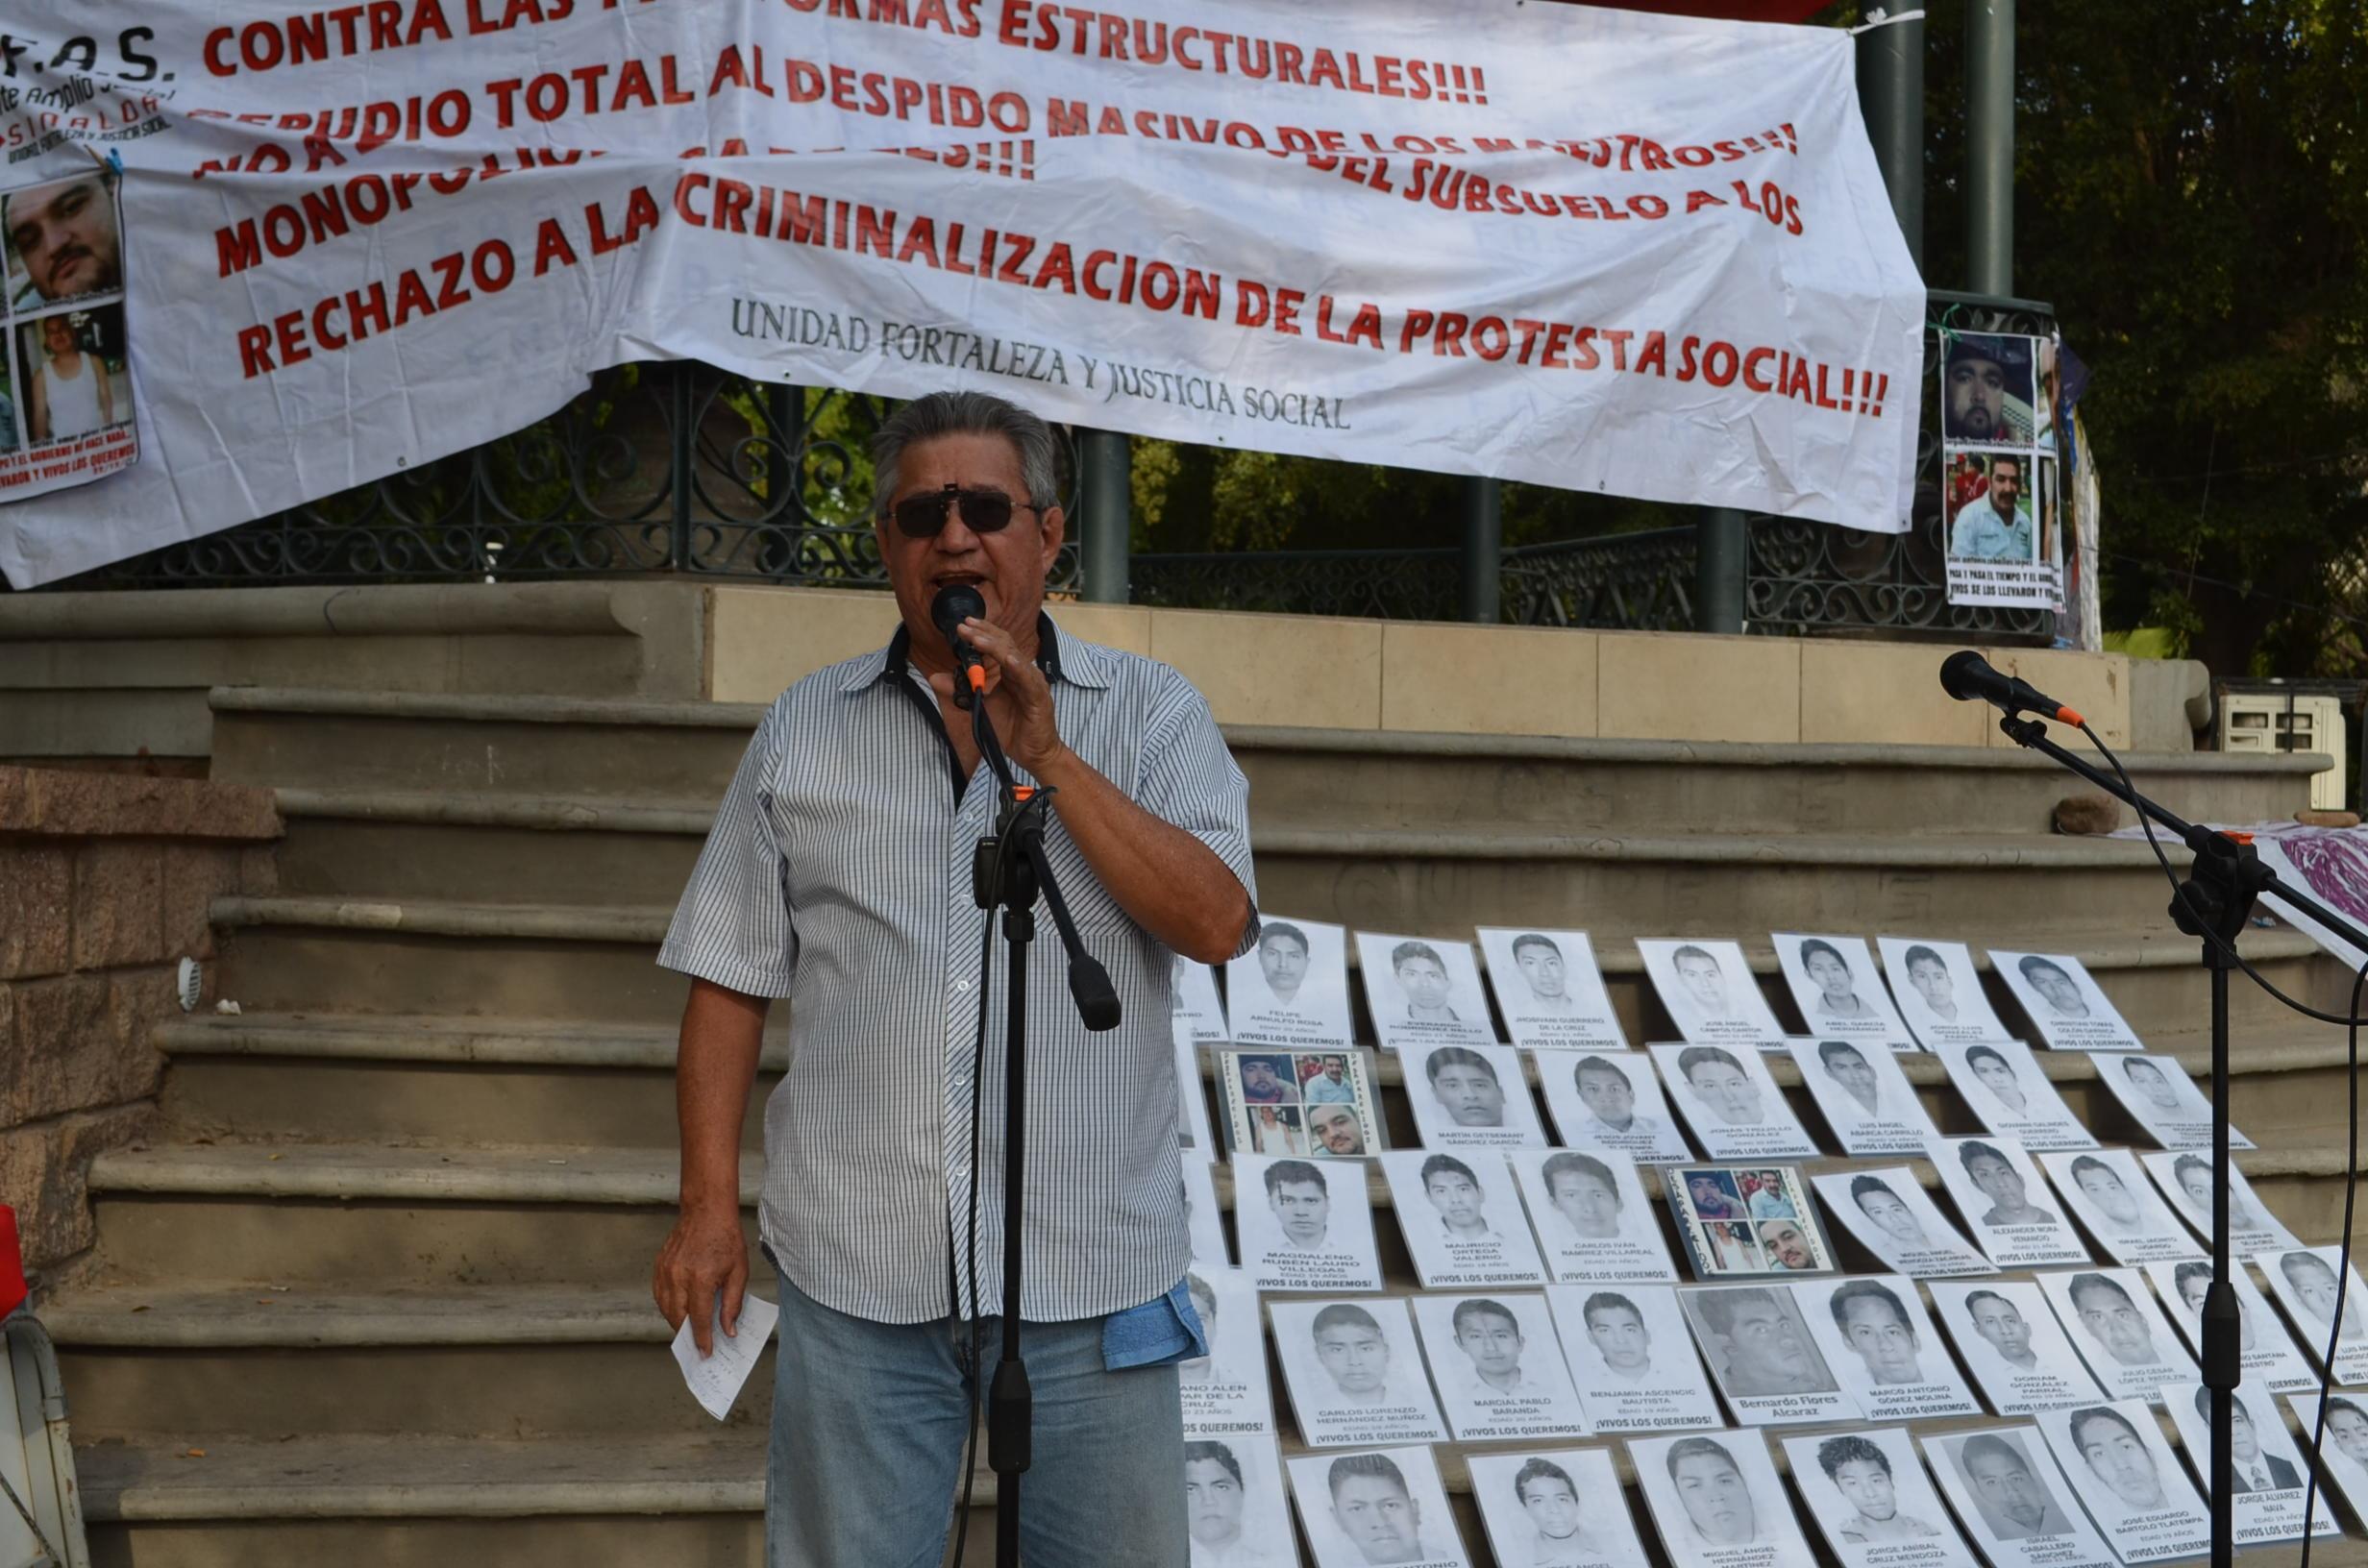 Miembro de la Comisión de Defensa de los Derechos Humanos de Sinaloa. Fotografía: Gabriela Sánchez